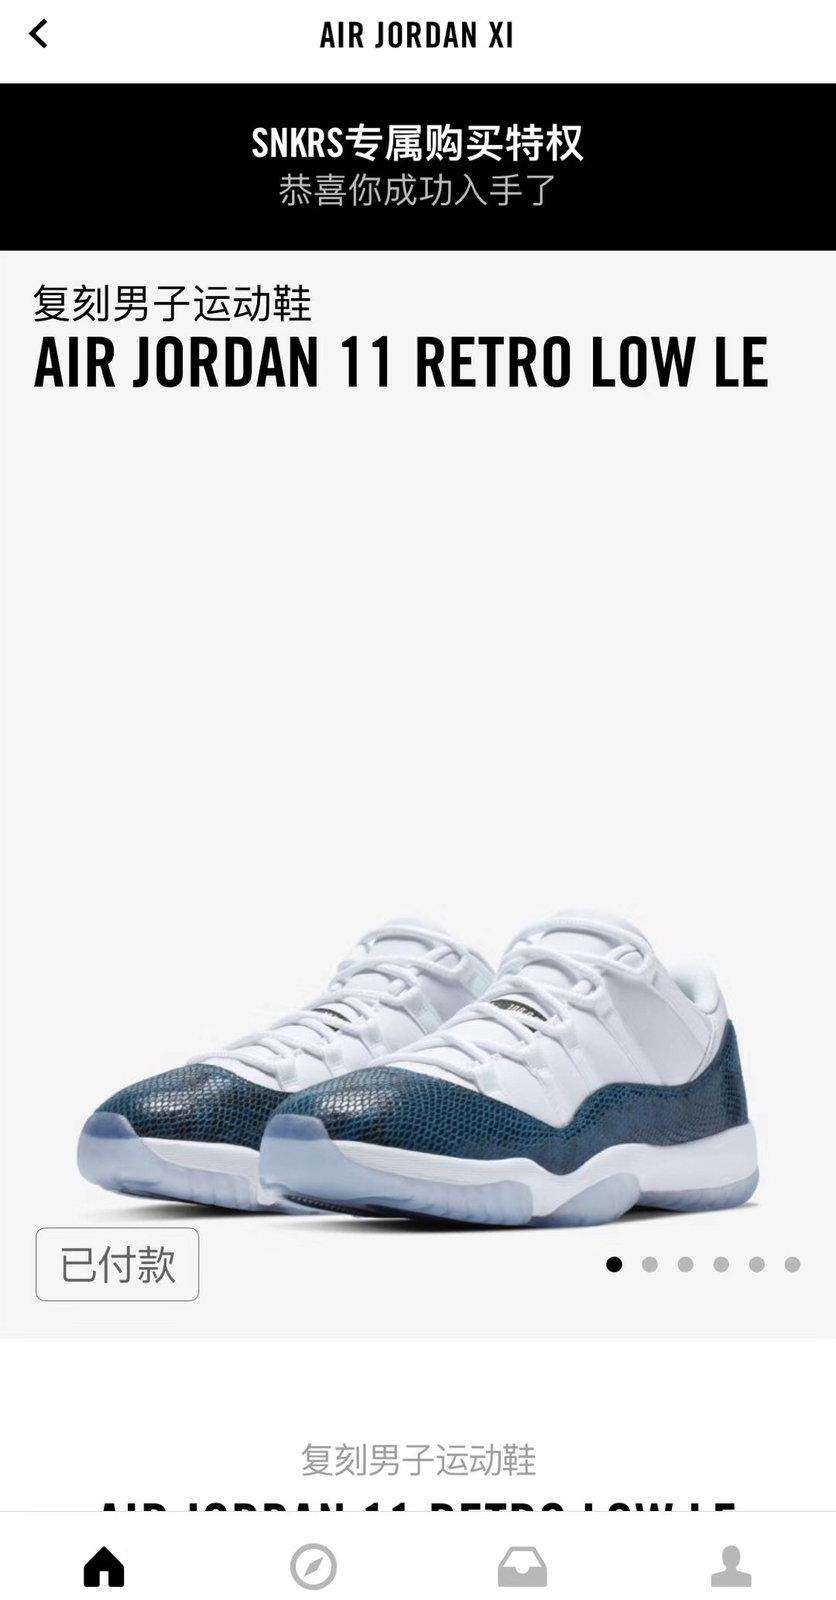 Air Jordan 11 Low,AJ11 Low,发售,  后跟飞人有点歪!蓝蛇 AJ11 Low 的专属购买权你收到了吗?